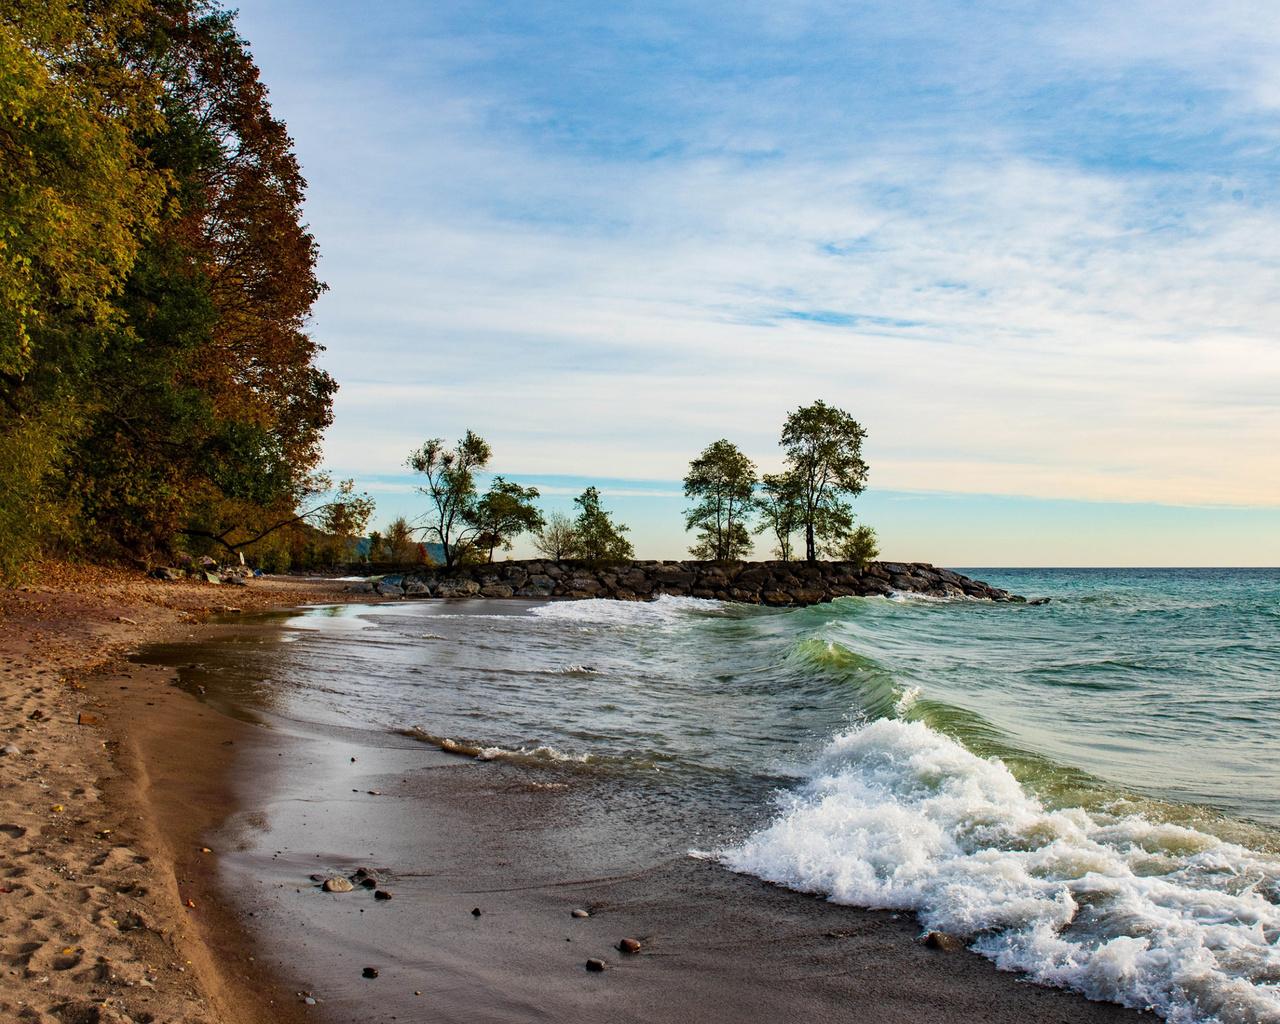 озеро, онтарио, торонто, вечер, закат, побережье, пляж, канада